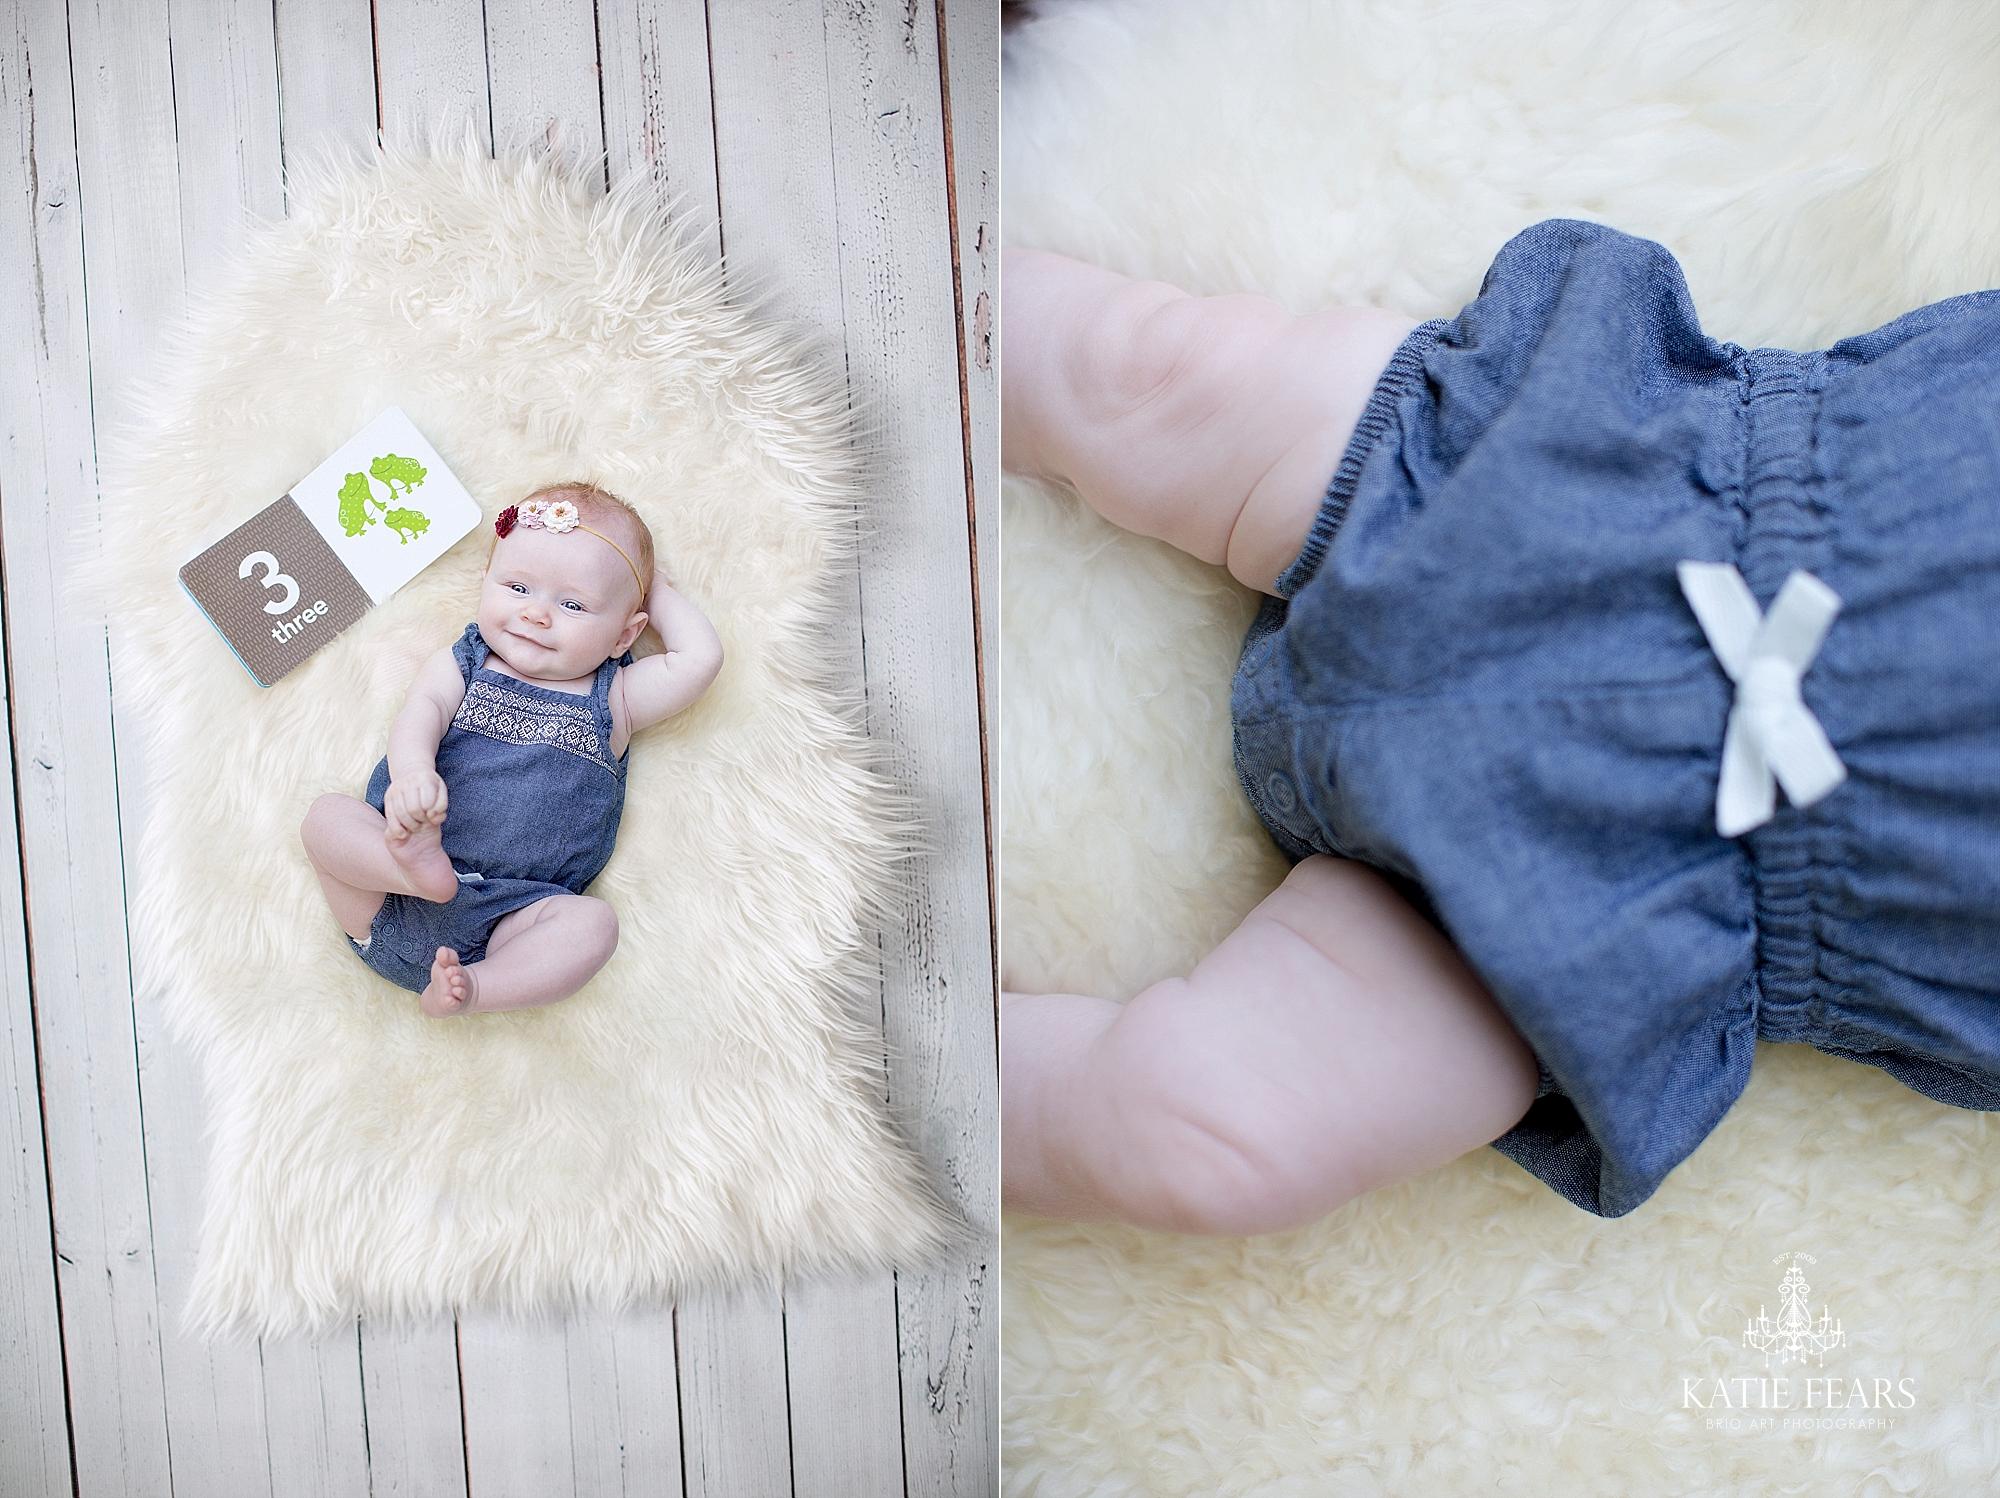 BrioArt-Katelyn 3 months-002_WEB.jpg